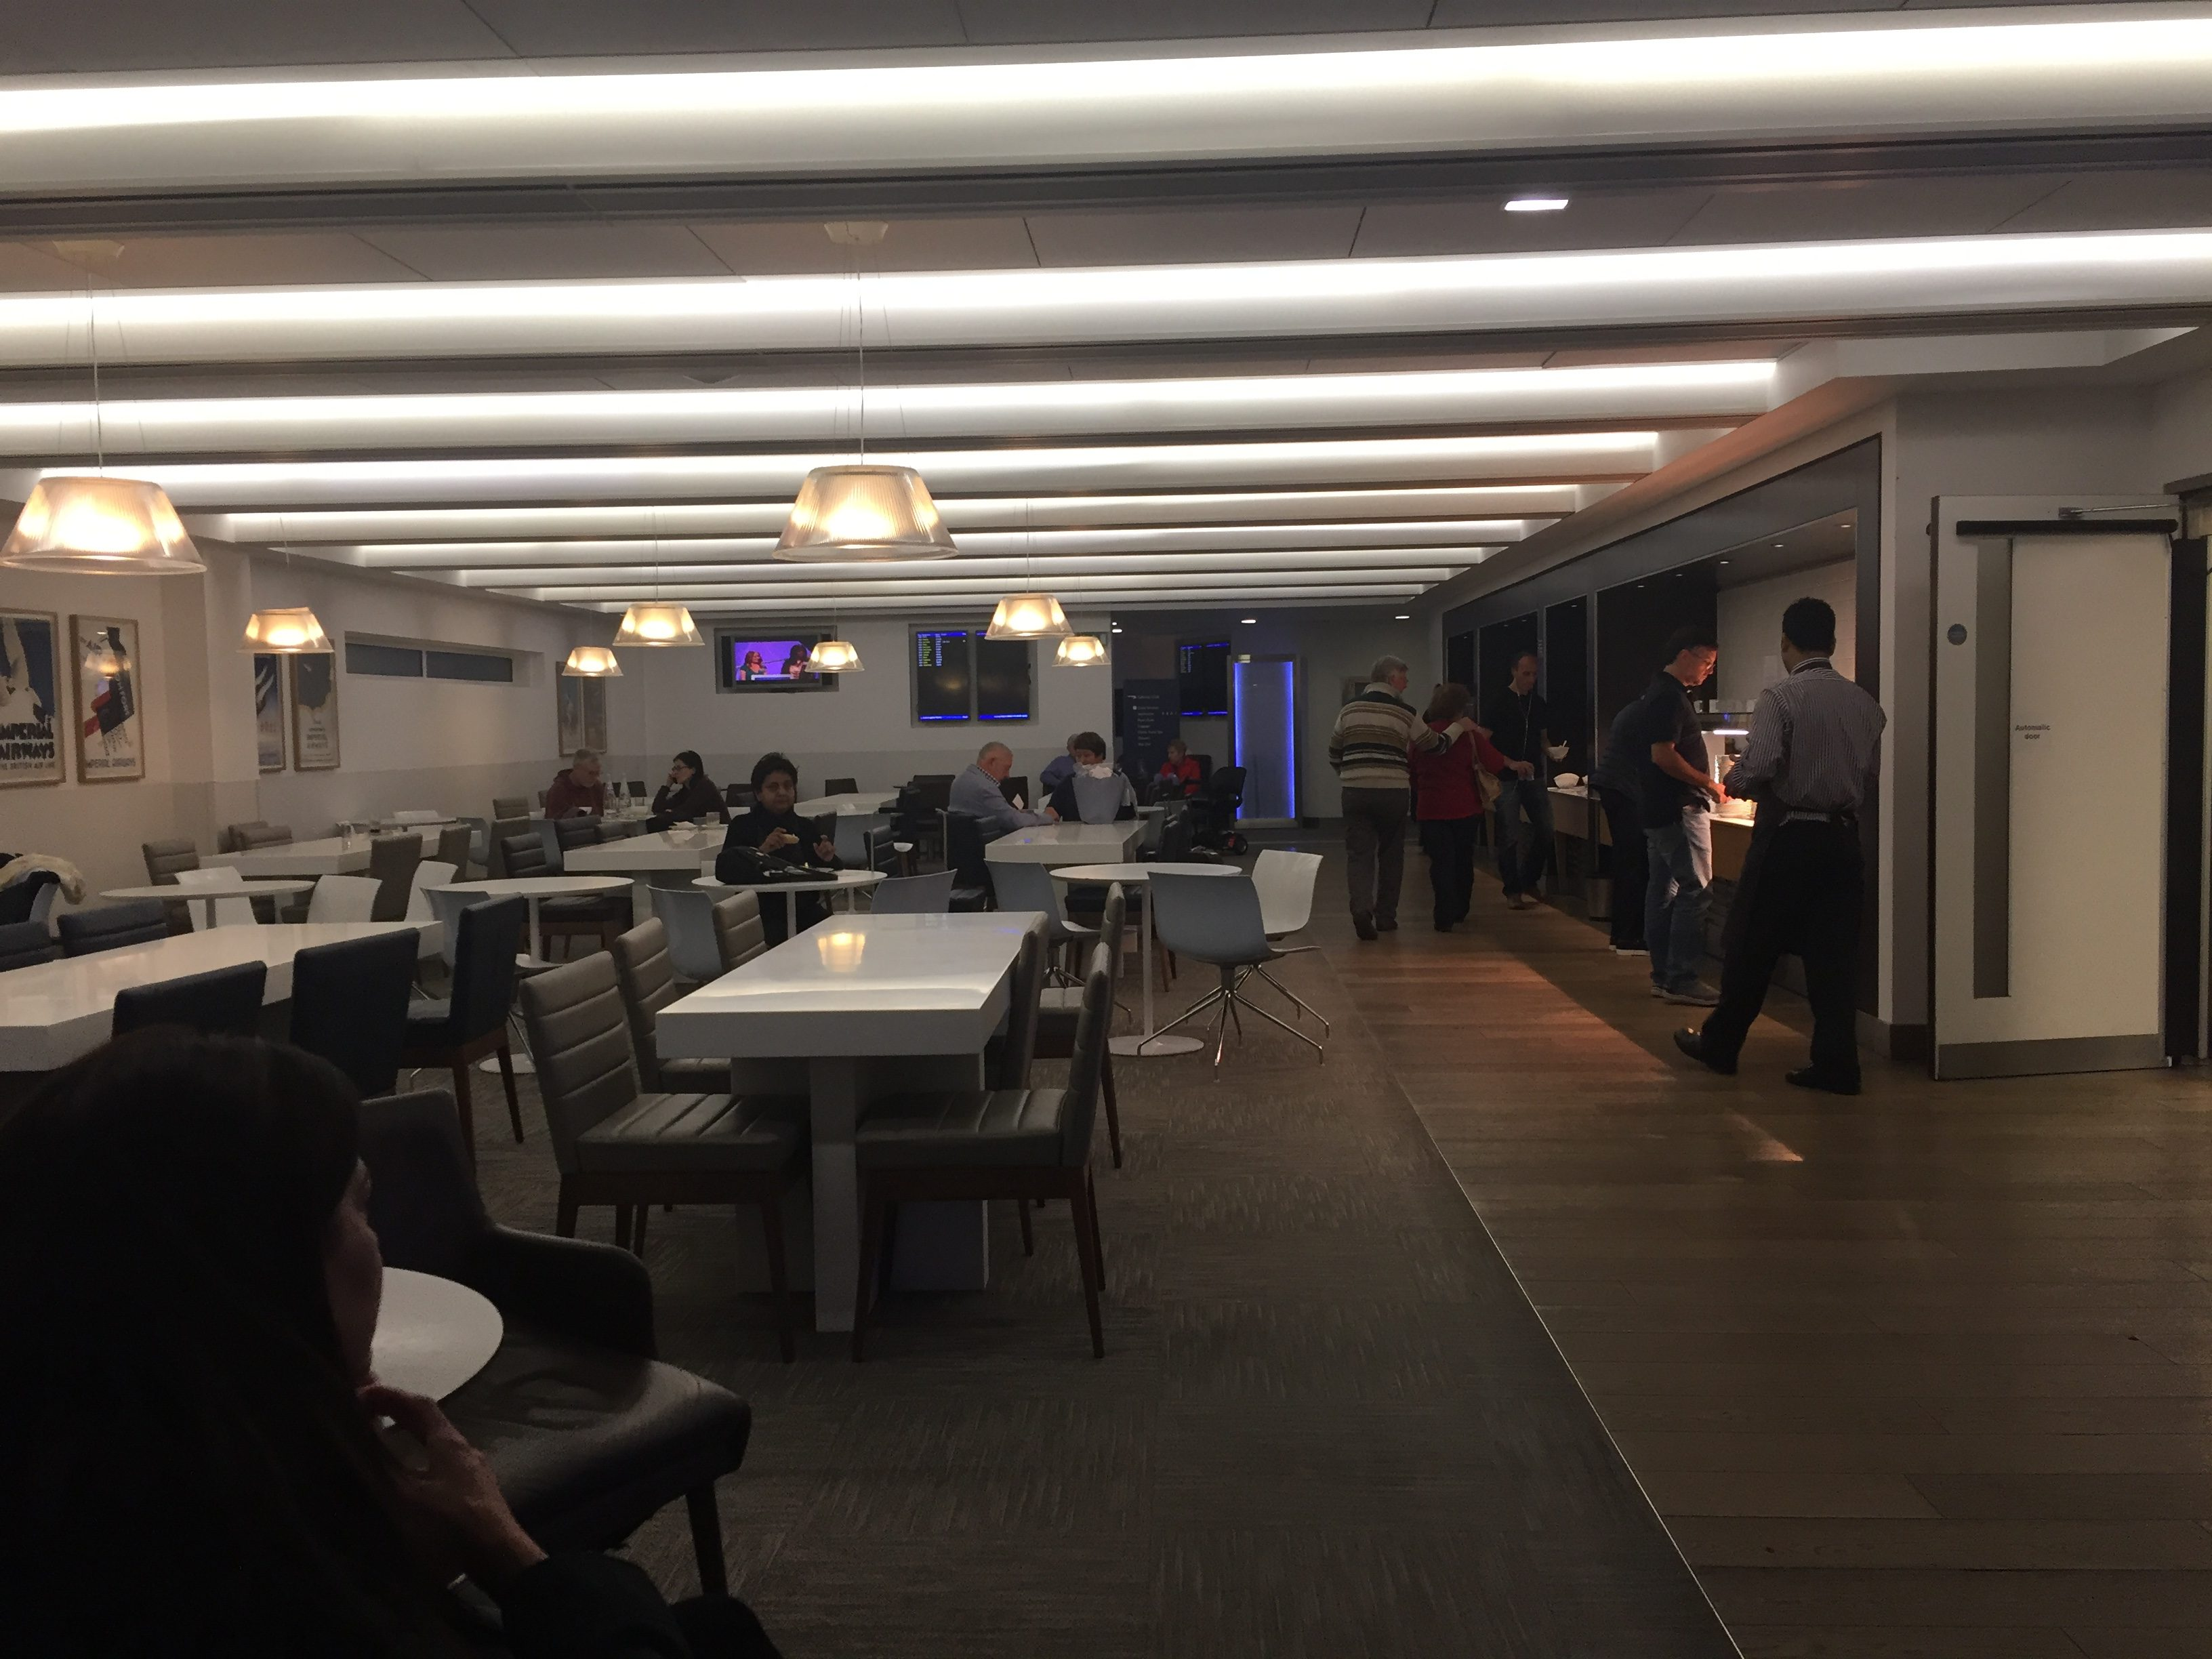 IMG 3209 e1520812908266 - El Salón VIP de British Airways en el aeropuerto de Londres Heathrow